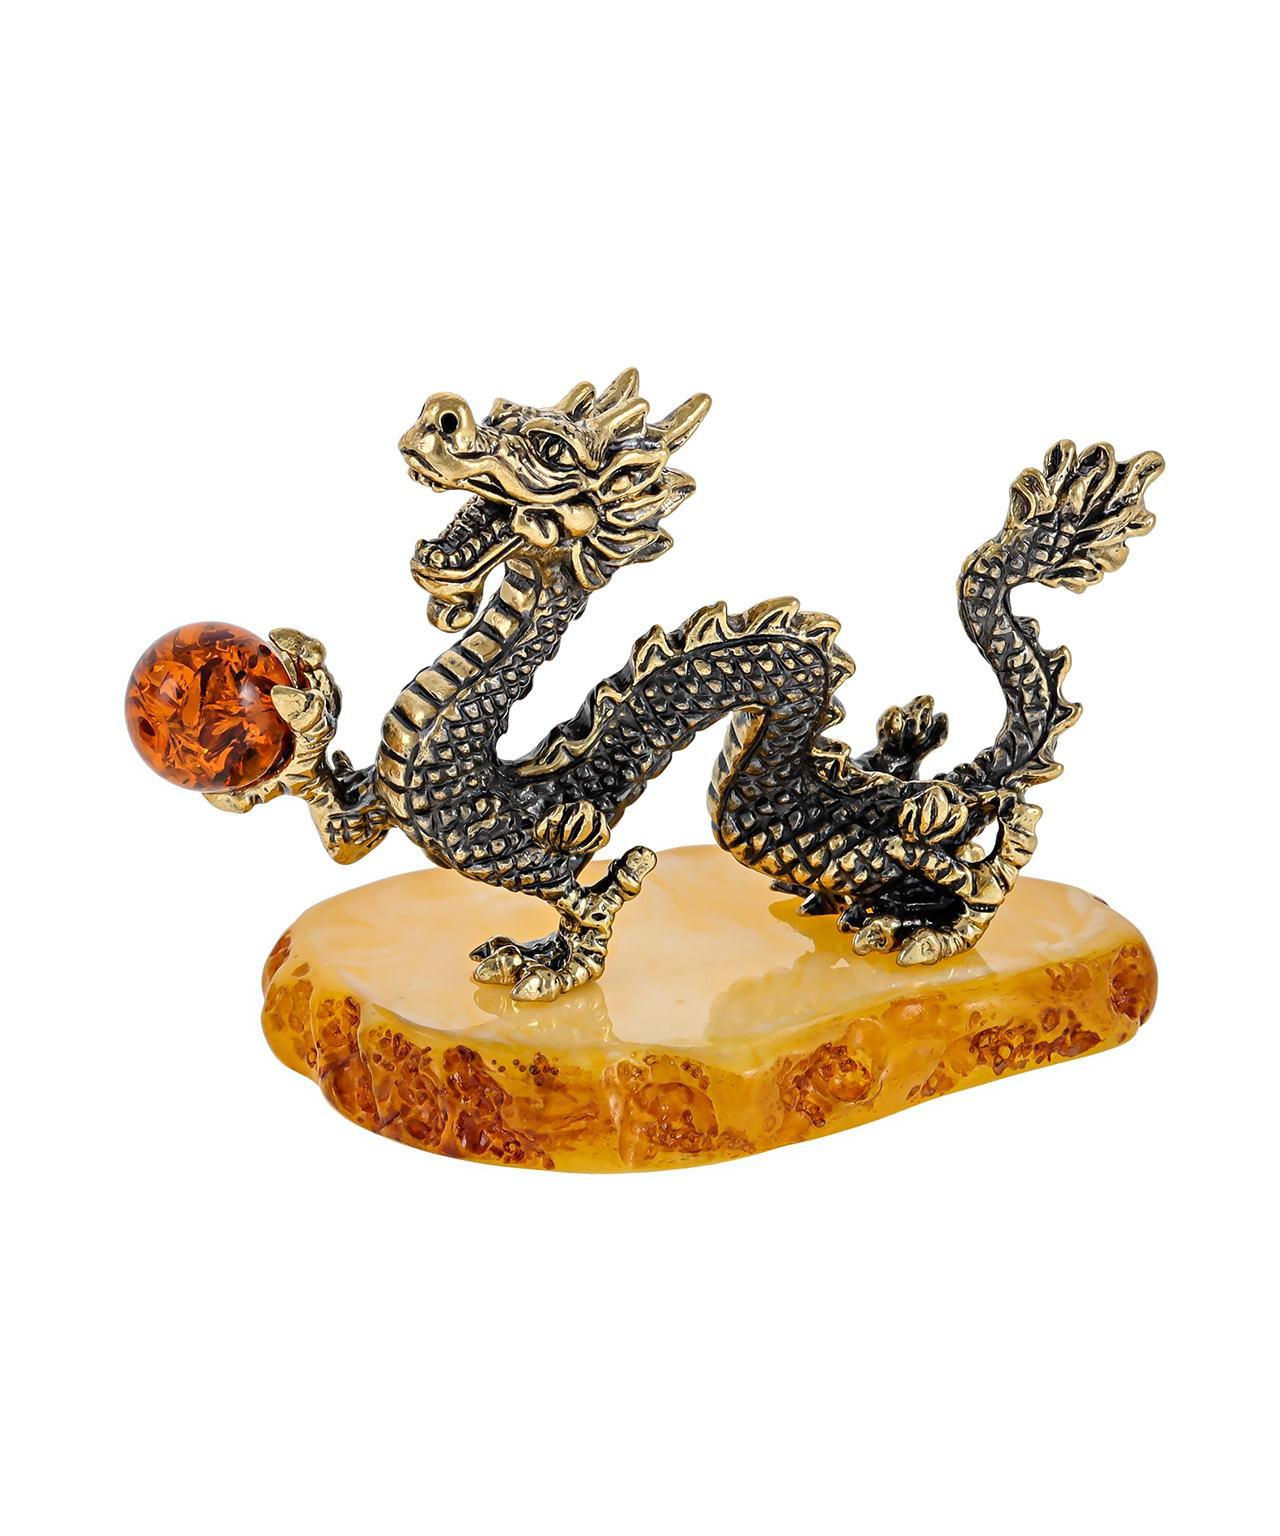 дракон сувенир фото линзы могут